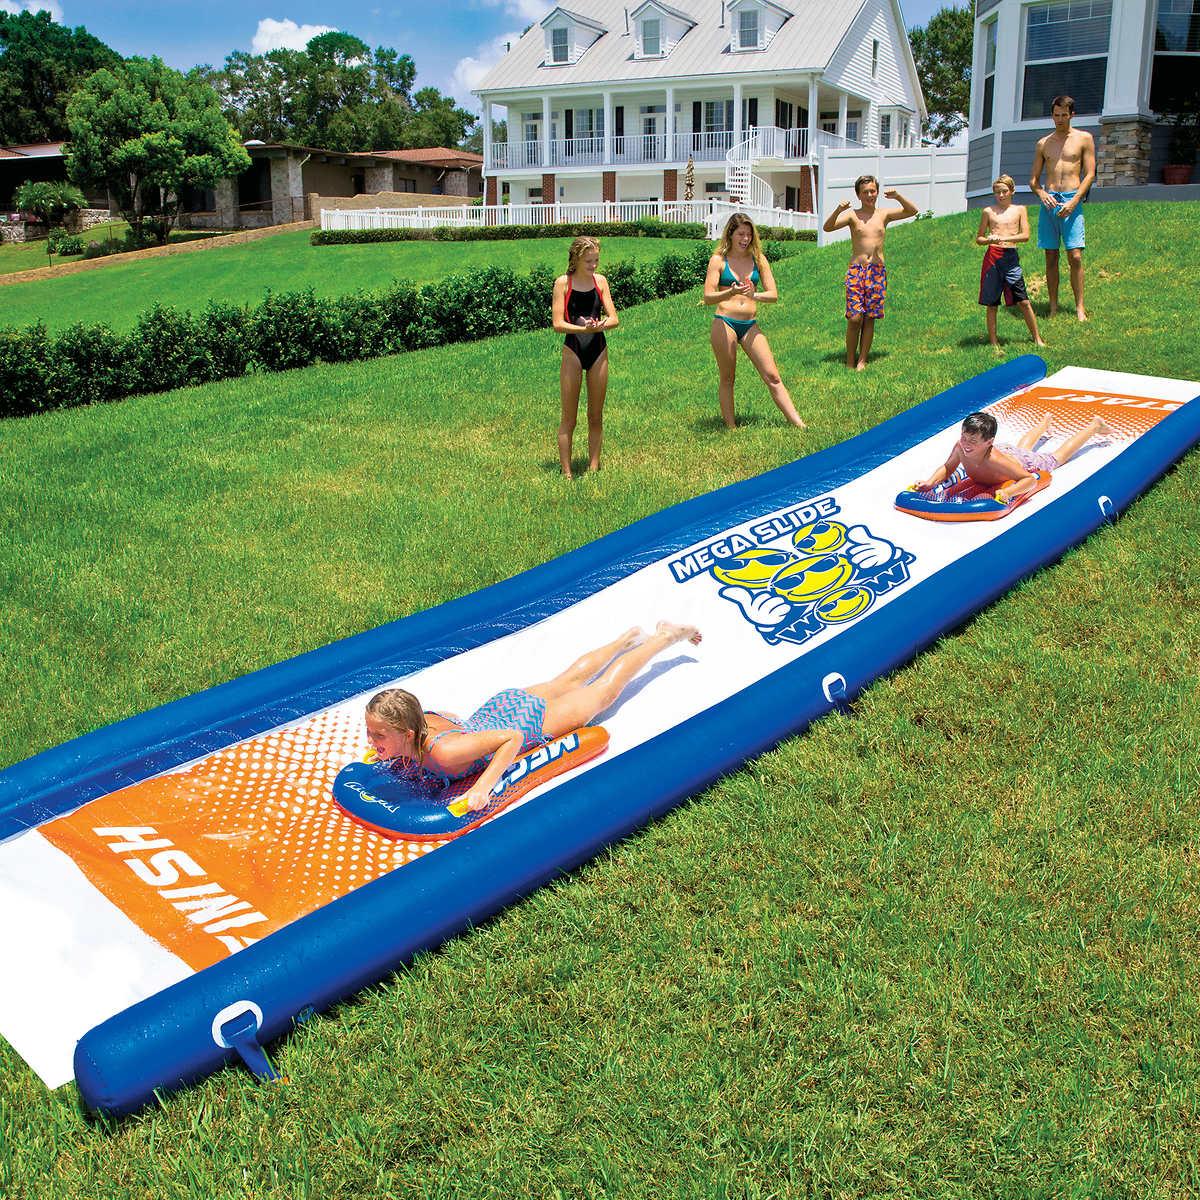 WOW Mega Slide 7 62 m x 1 82 m (25 ft  x 6 ft ) Water Slide